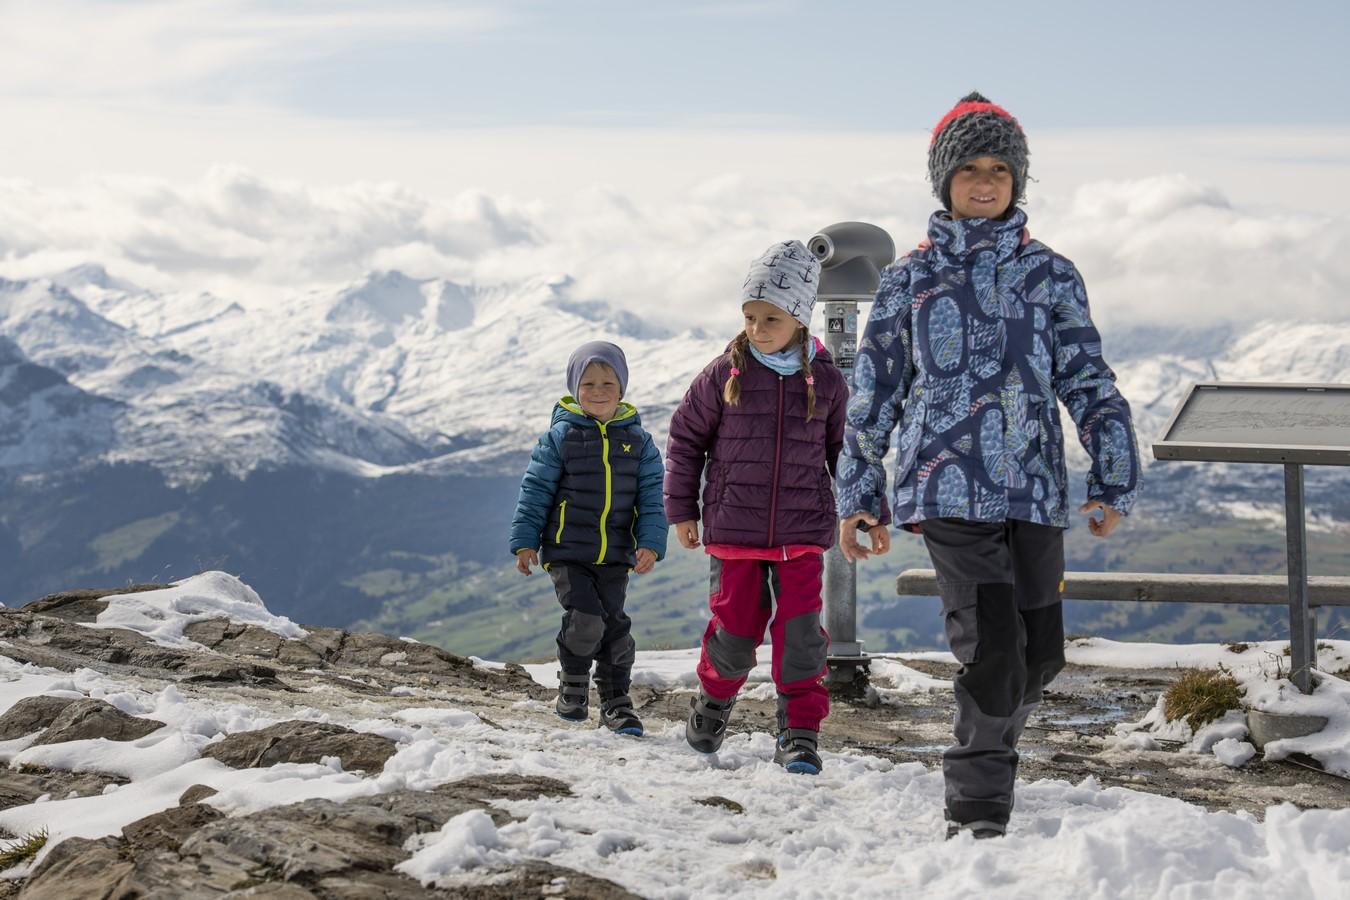 Jak Wybrac Buty Zimowe Dla Dziecka Sniegowce Czy Buty Trekkingowe